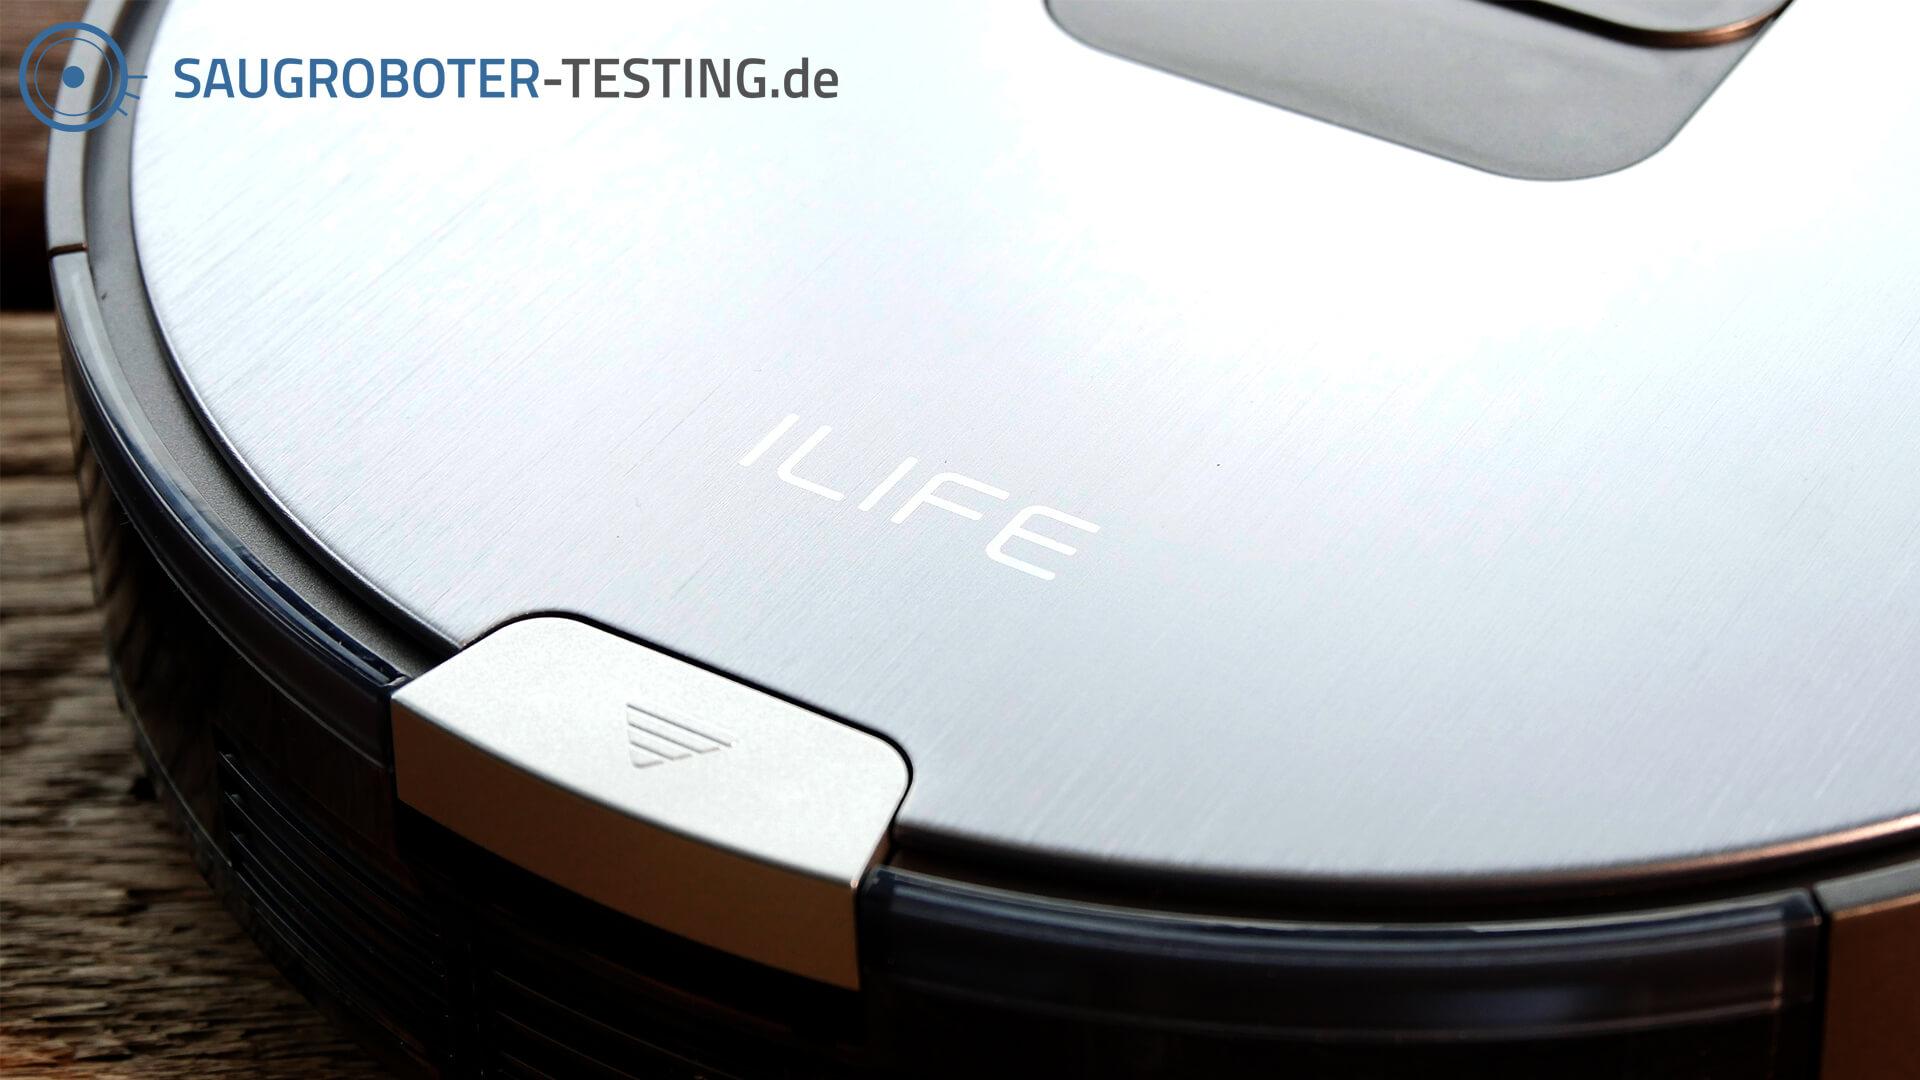 ILIFE V80 Staubbehälter und Logo